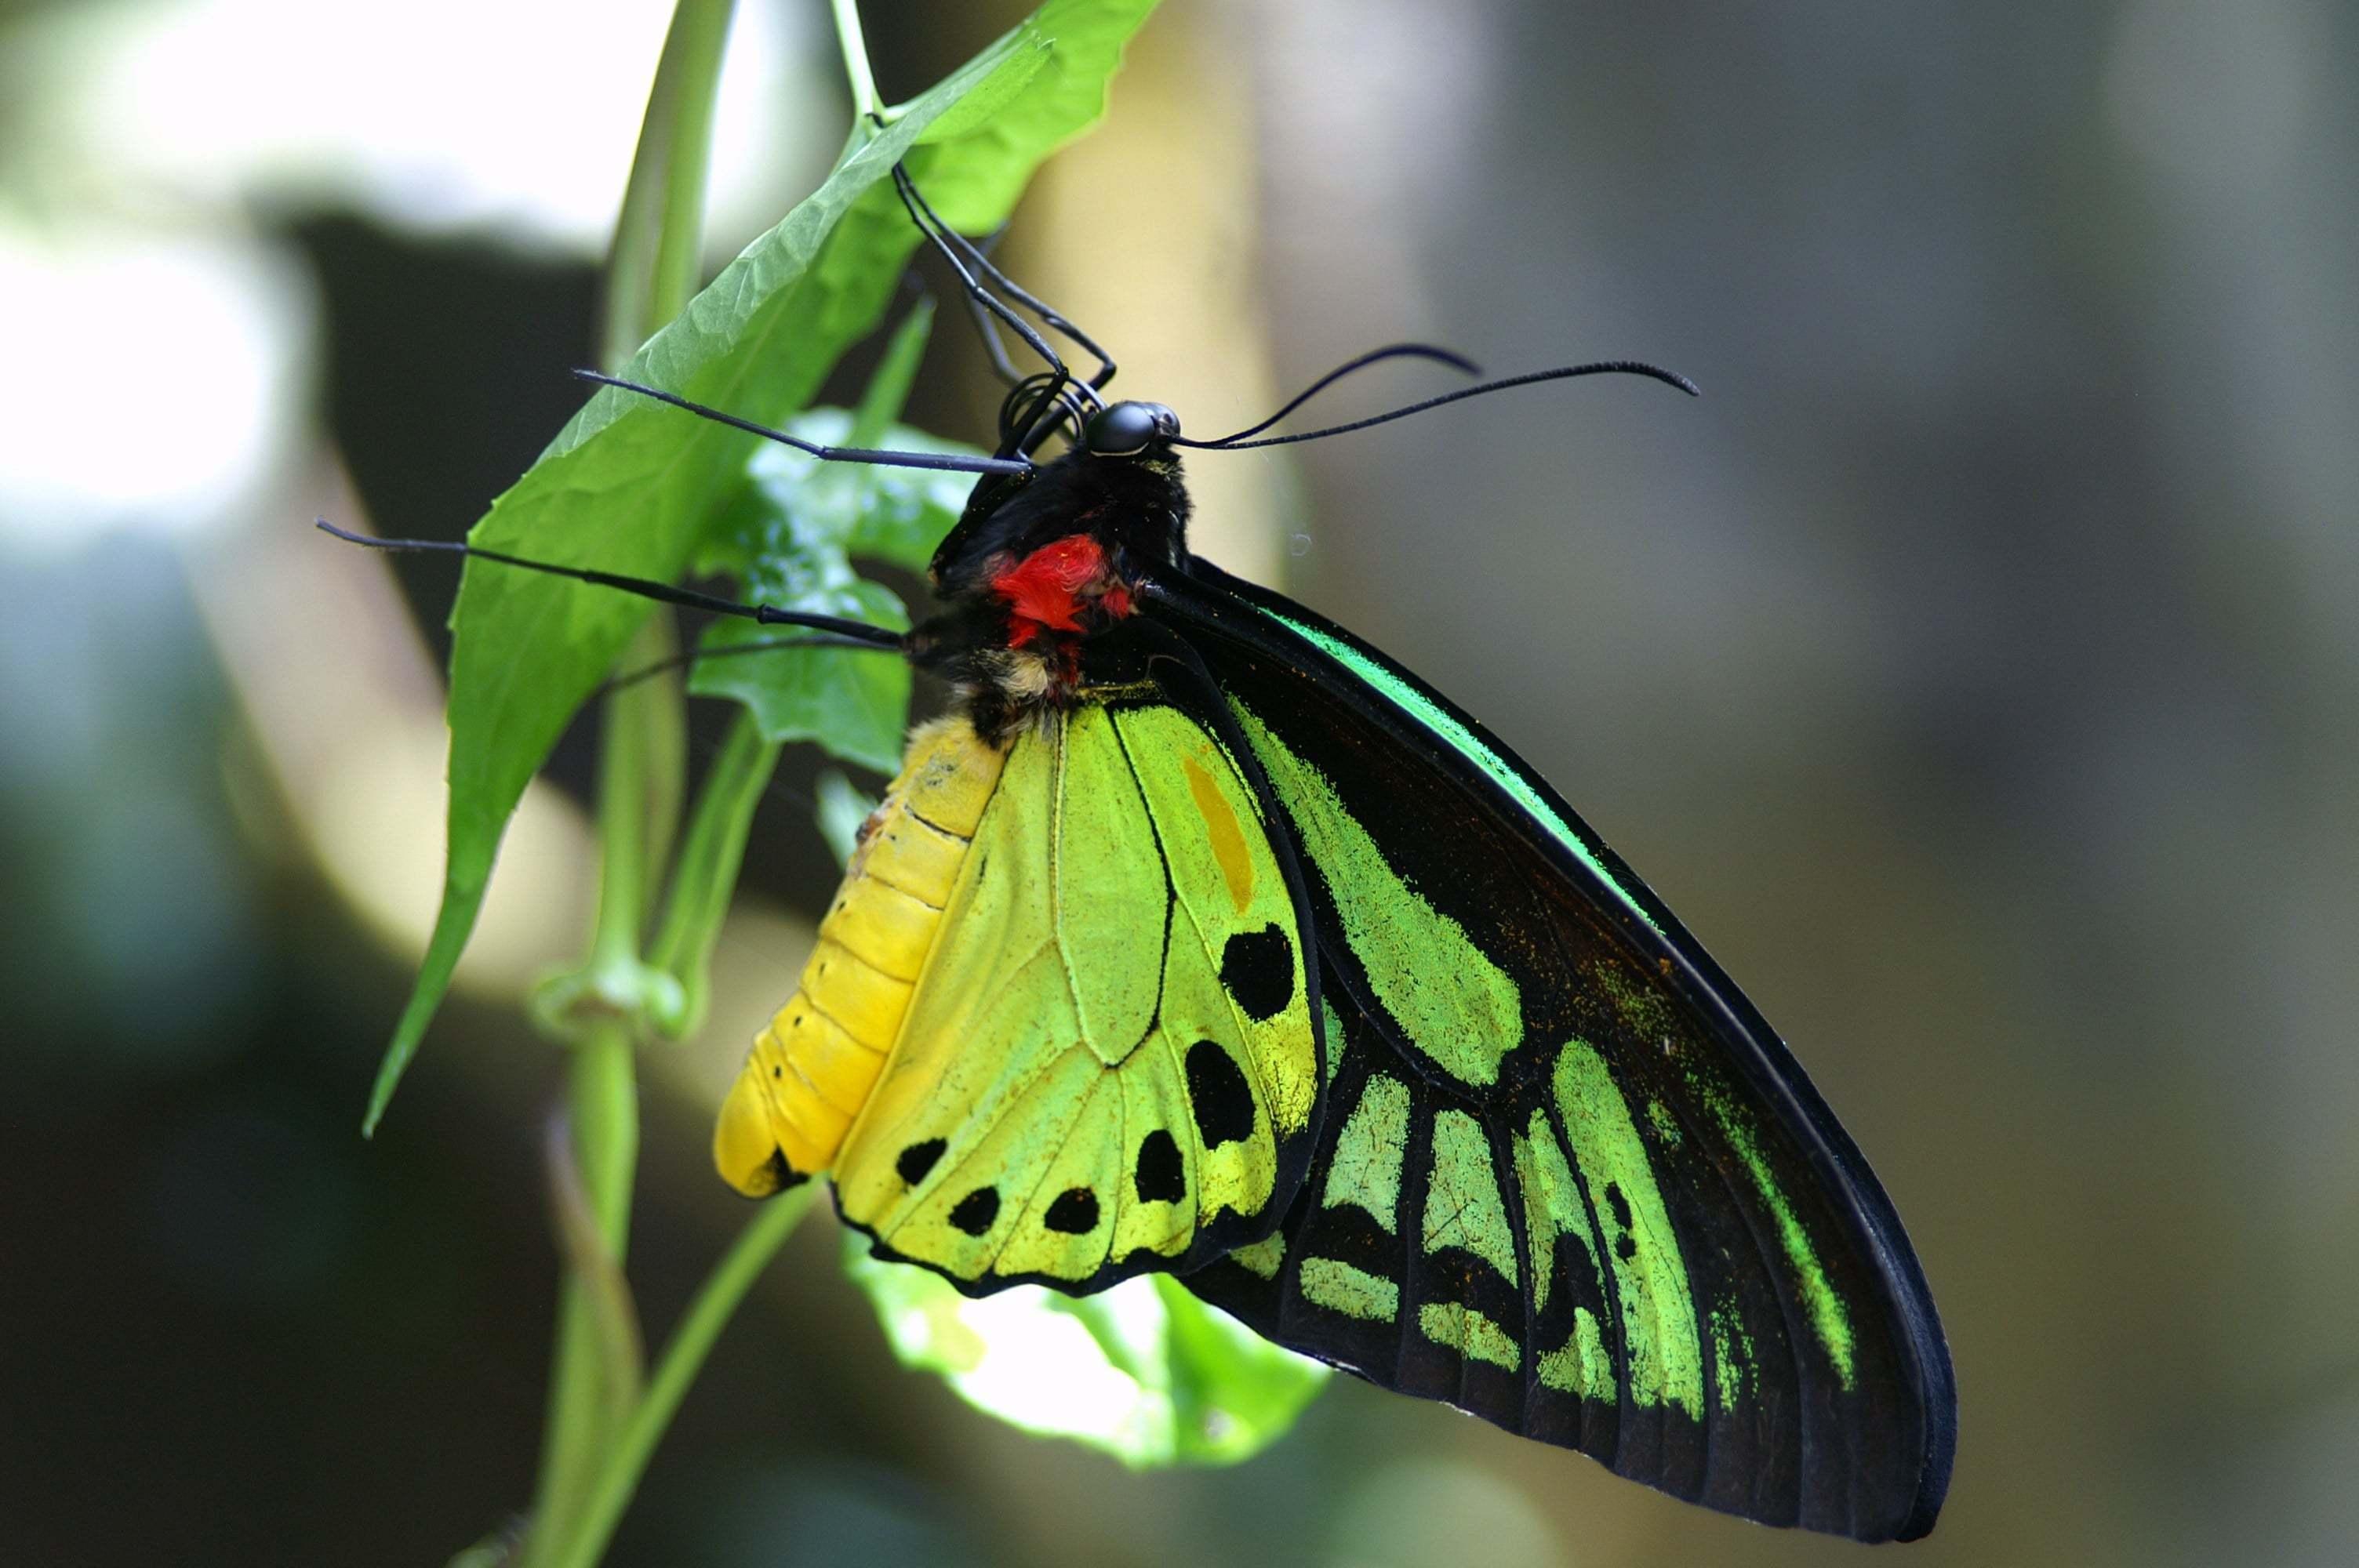 Yakın Çekim Kelebek Resmi